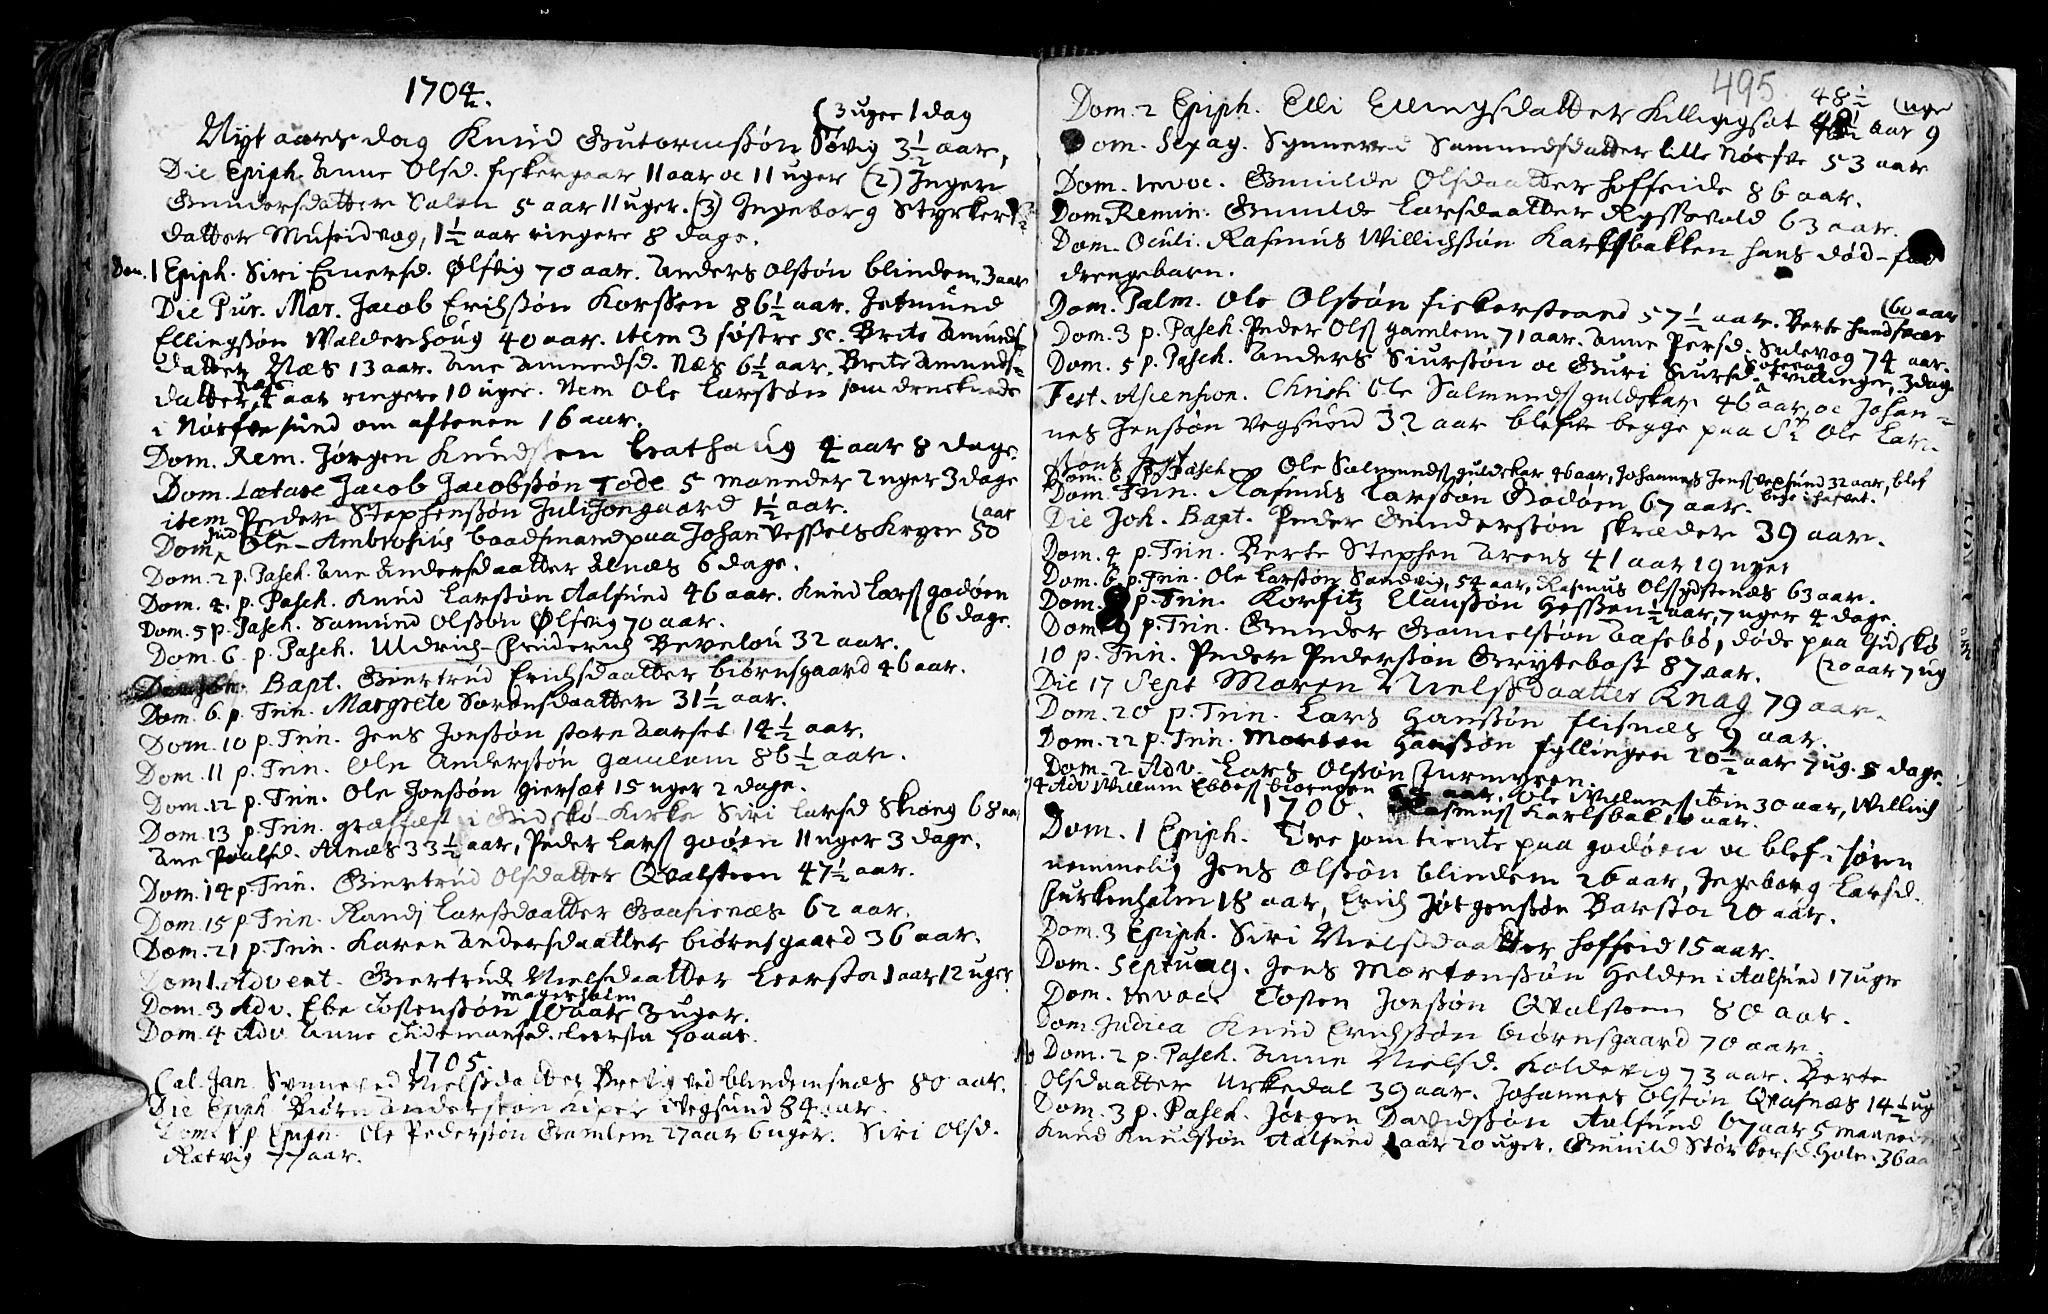 SAT, Ministerialprotokoller, klokkerbøker og fødselsregistre - Møre og Romsdal, 528/L0390: Ministerialbok nr. 528A01, 1698-1739, s. 494-495